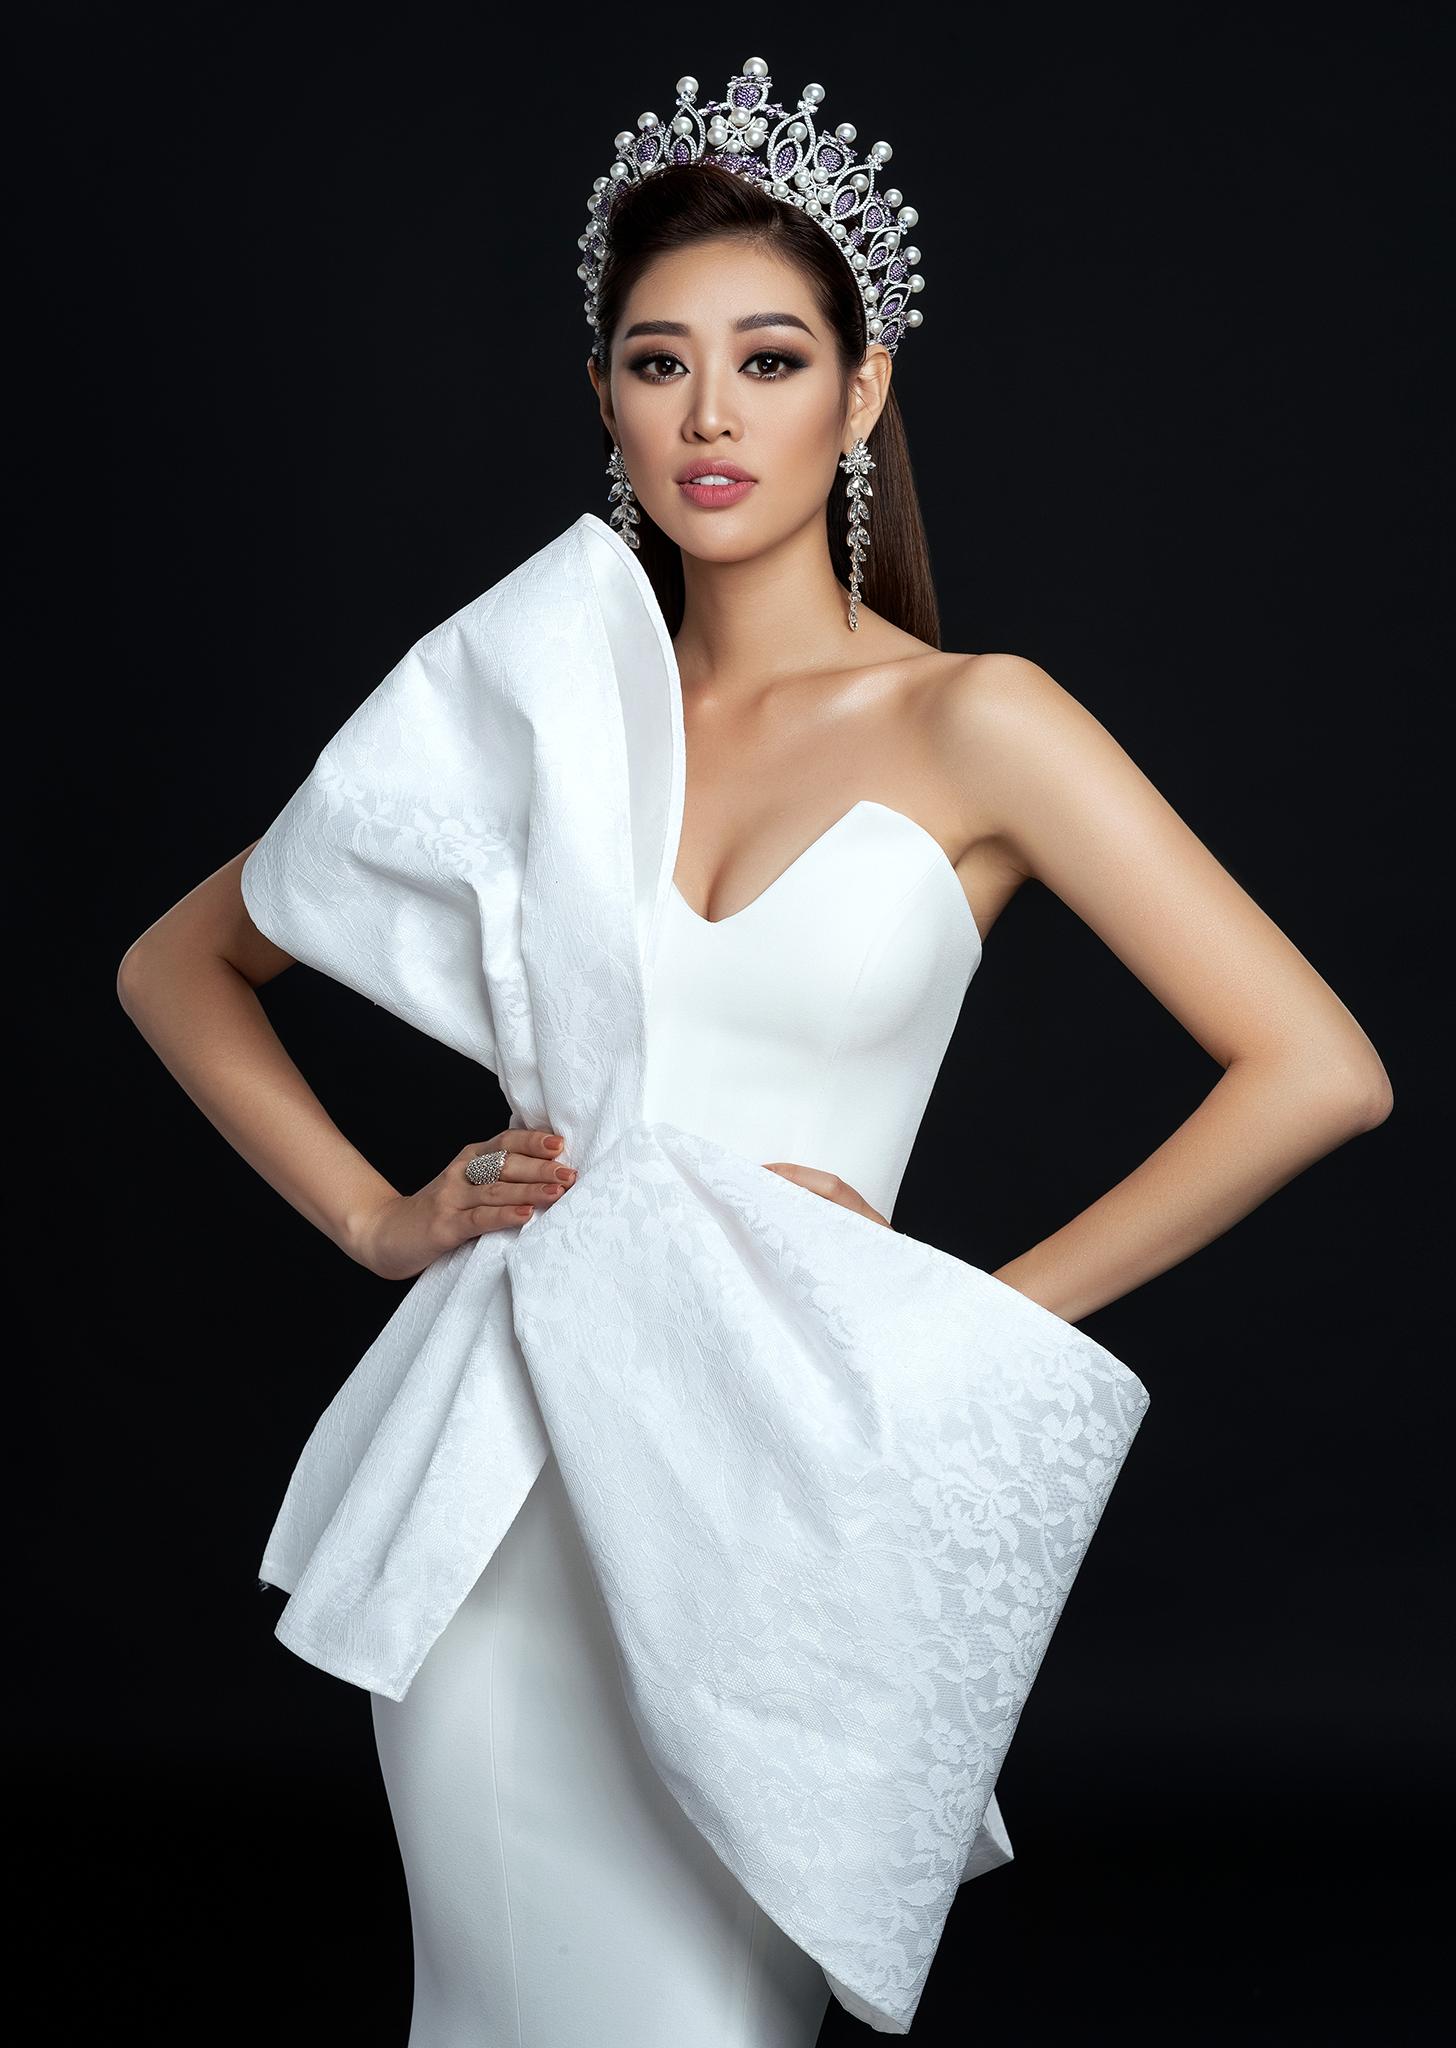 Với bộ ảnh này, Hoa hậu Khánh Vân muốn dành lời cảm ơn đến những anh chị đã yêu thương, giúp đỡ, hỗ trợ và luôn bên cạnh cô từ những ngày đầu bước chân vào nghệ thuật.